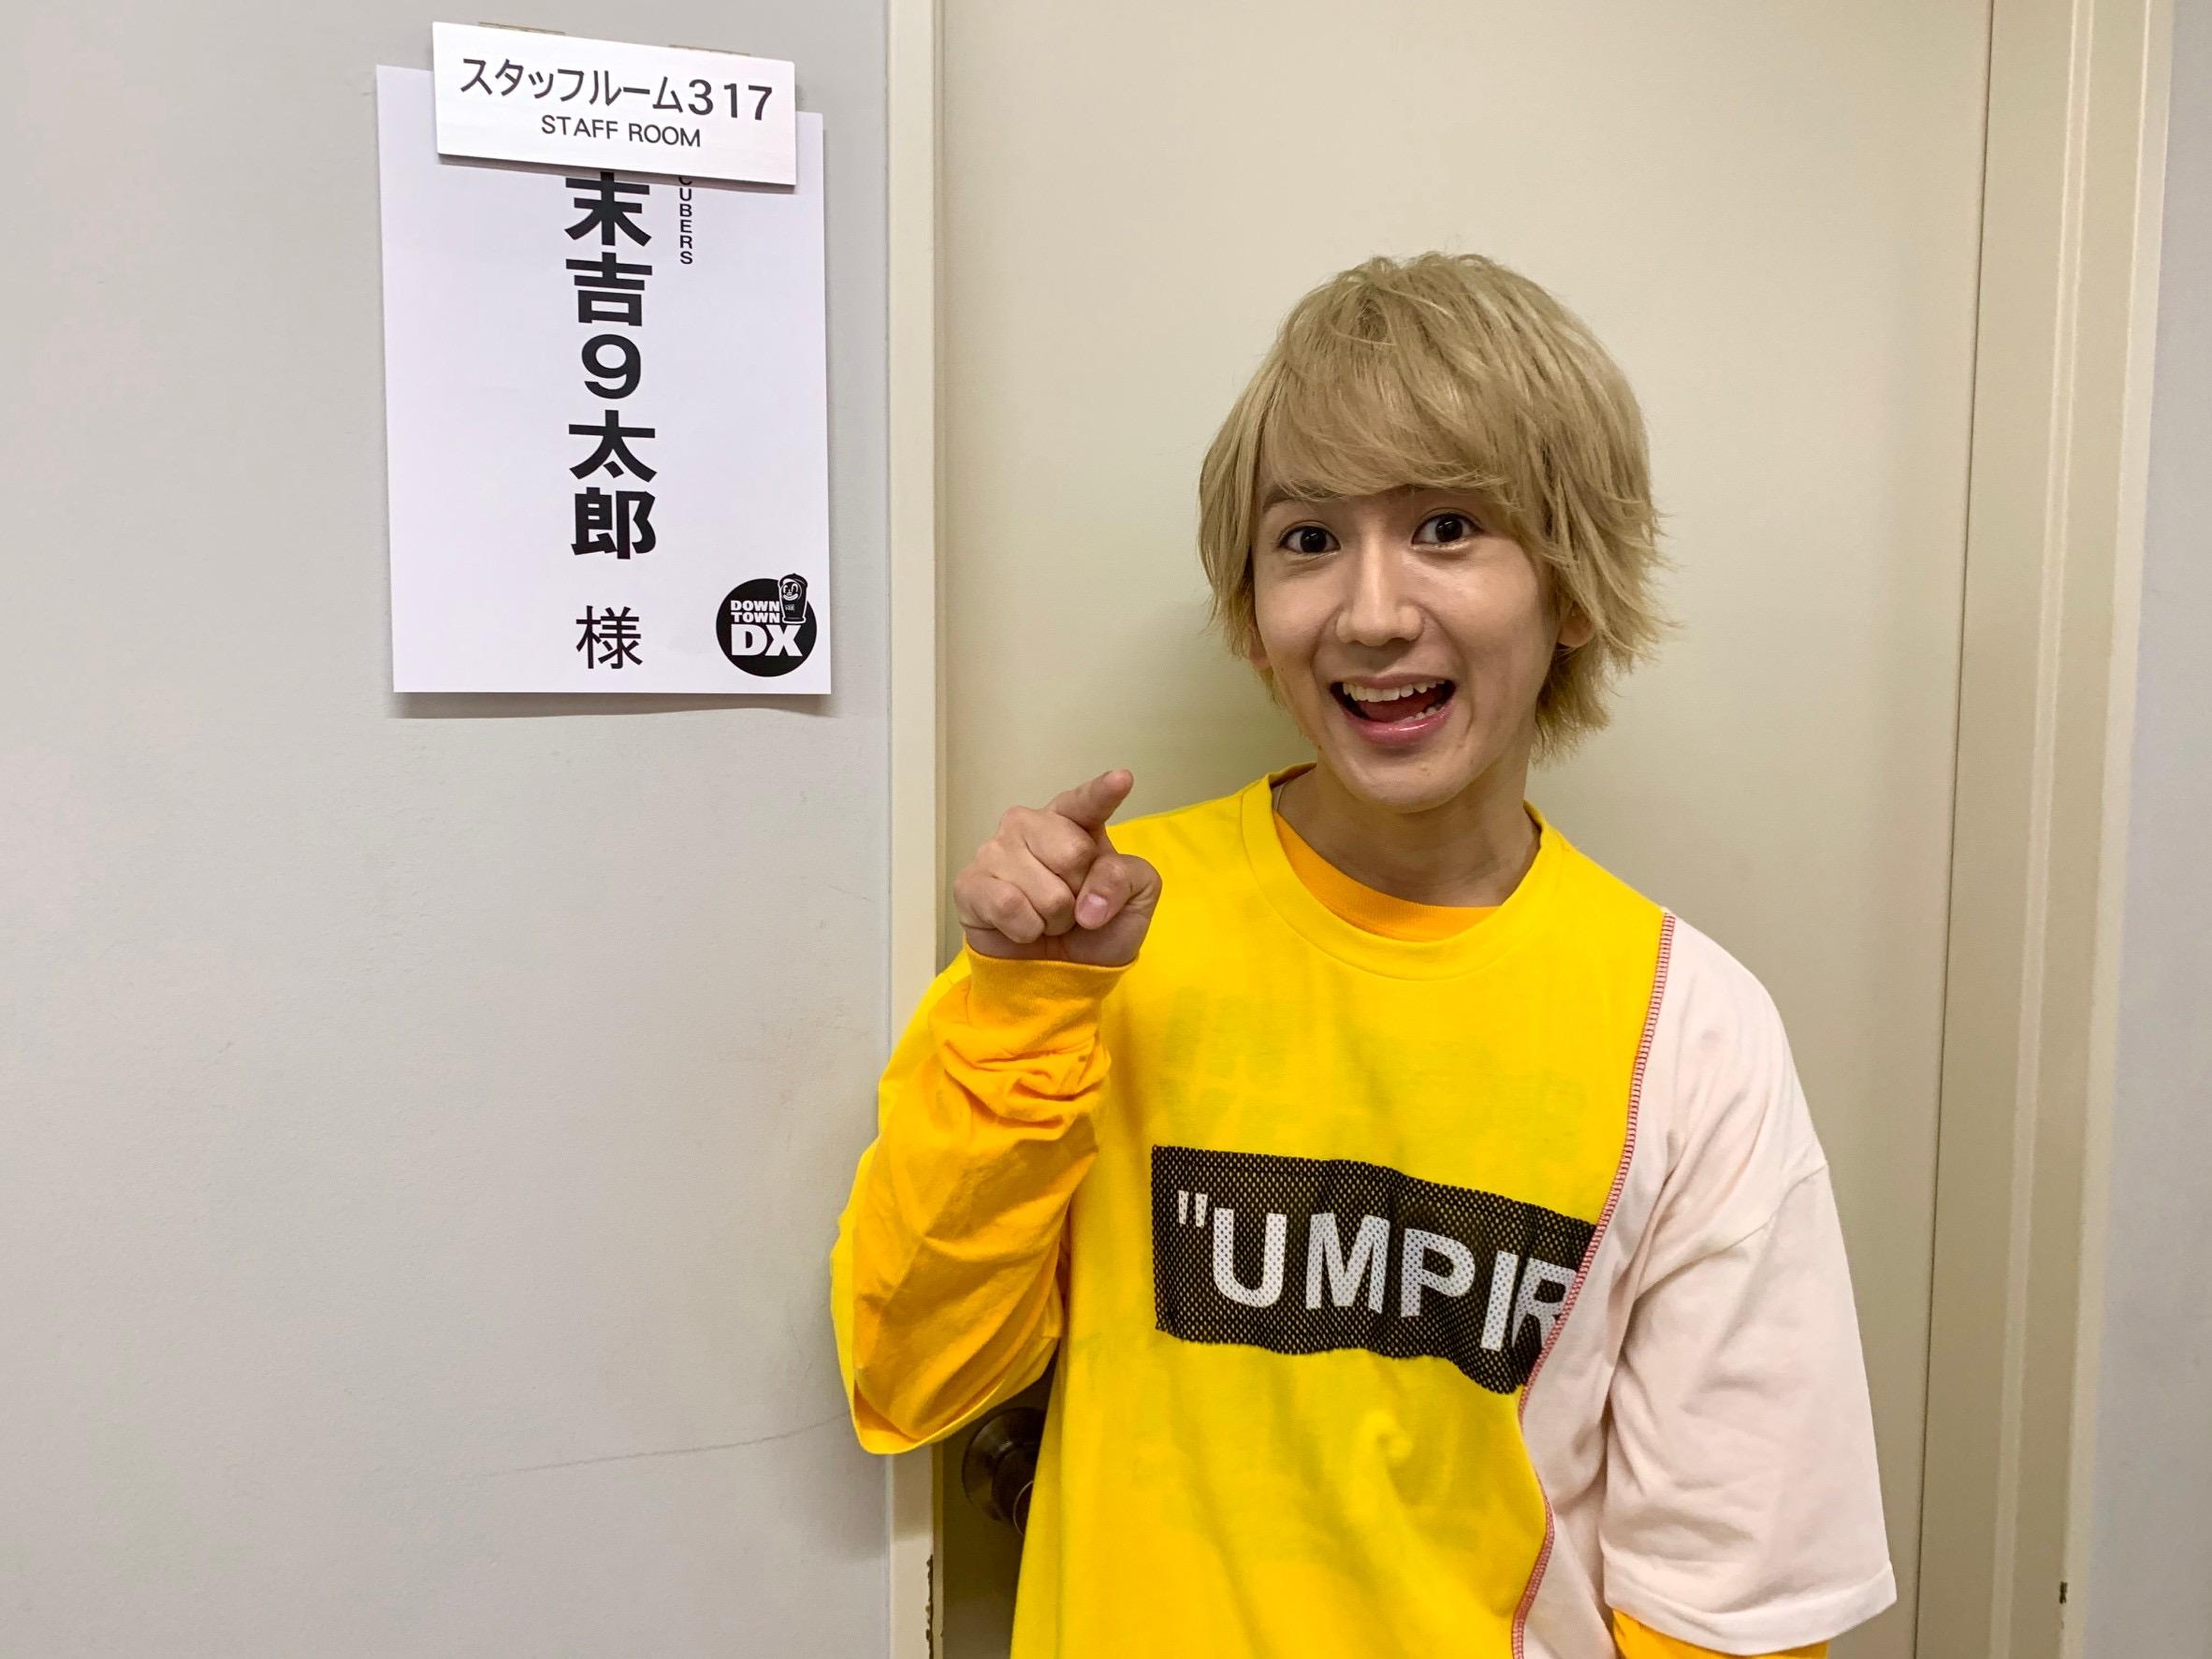 【NEWS】末吉9太郎が 7/30放送『ダウンタウンDX』に出演決定!